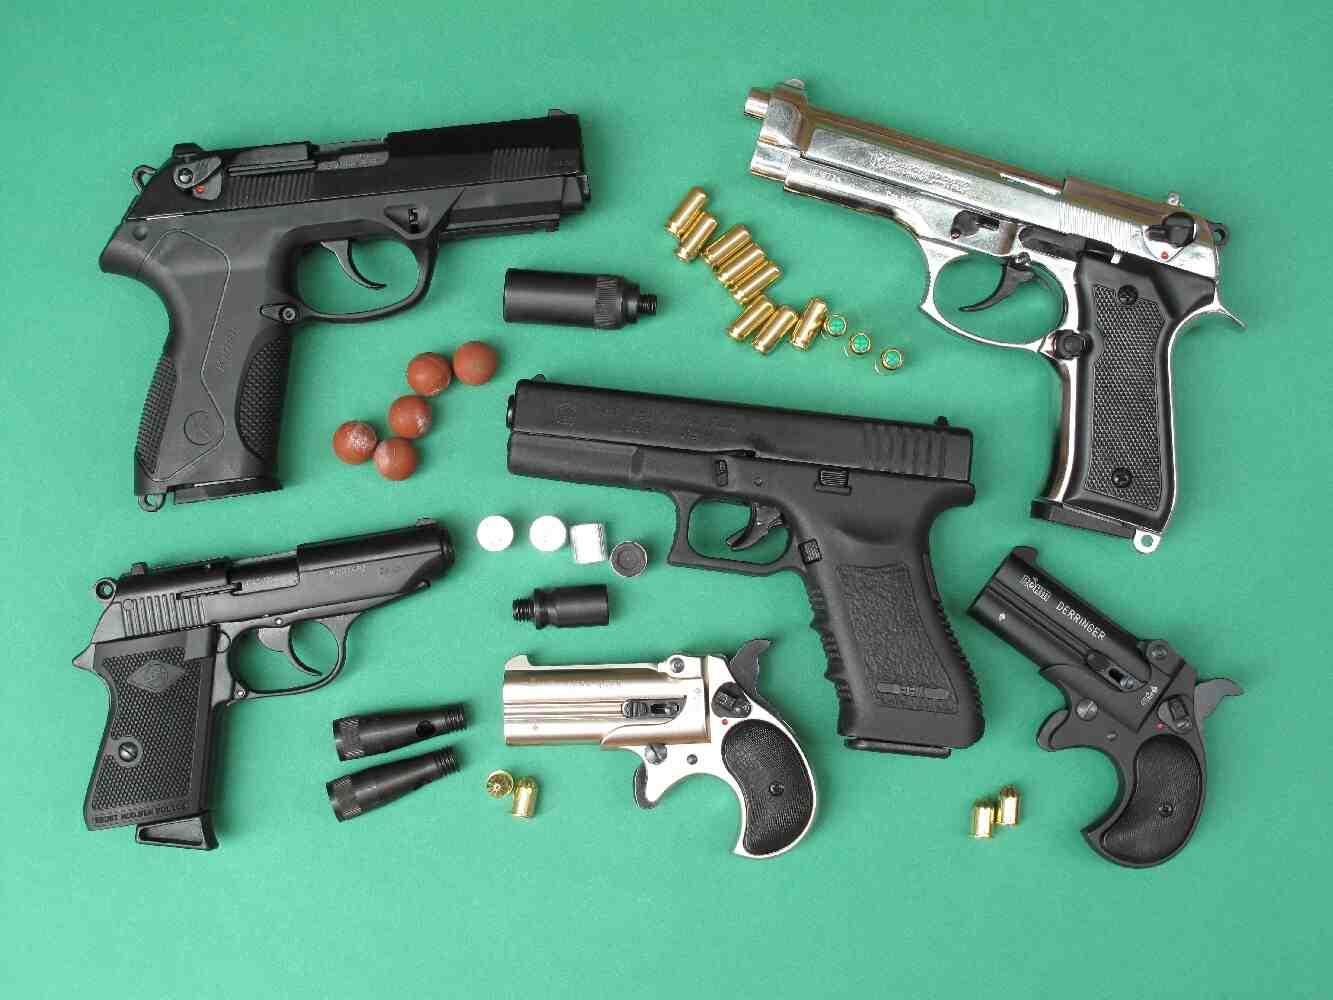 Quelle est l'arme de poing la plus puissante au monde?